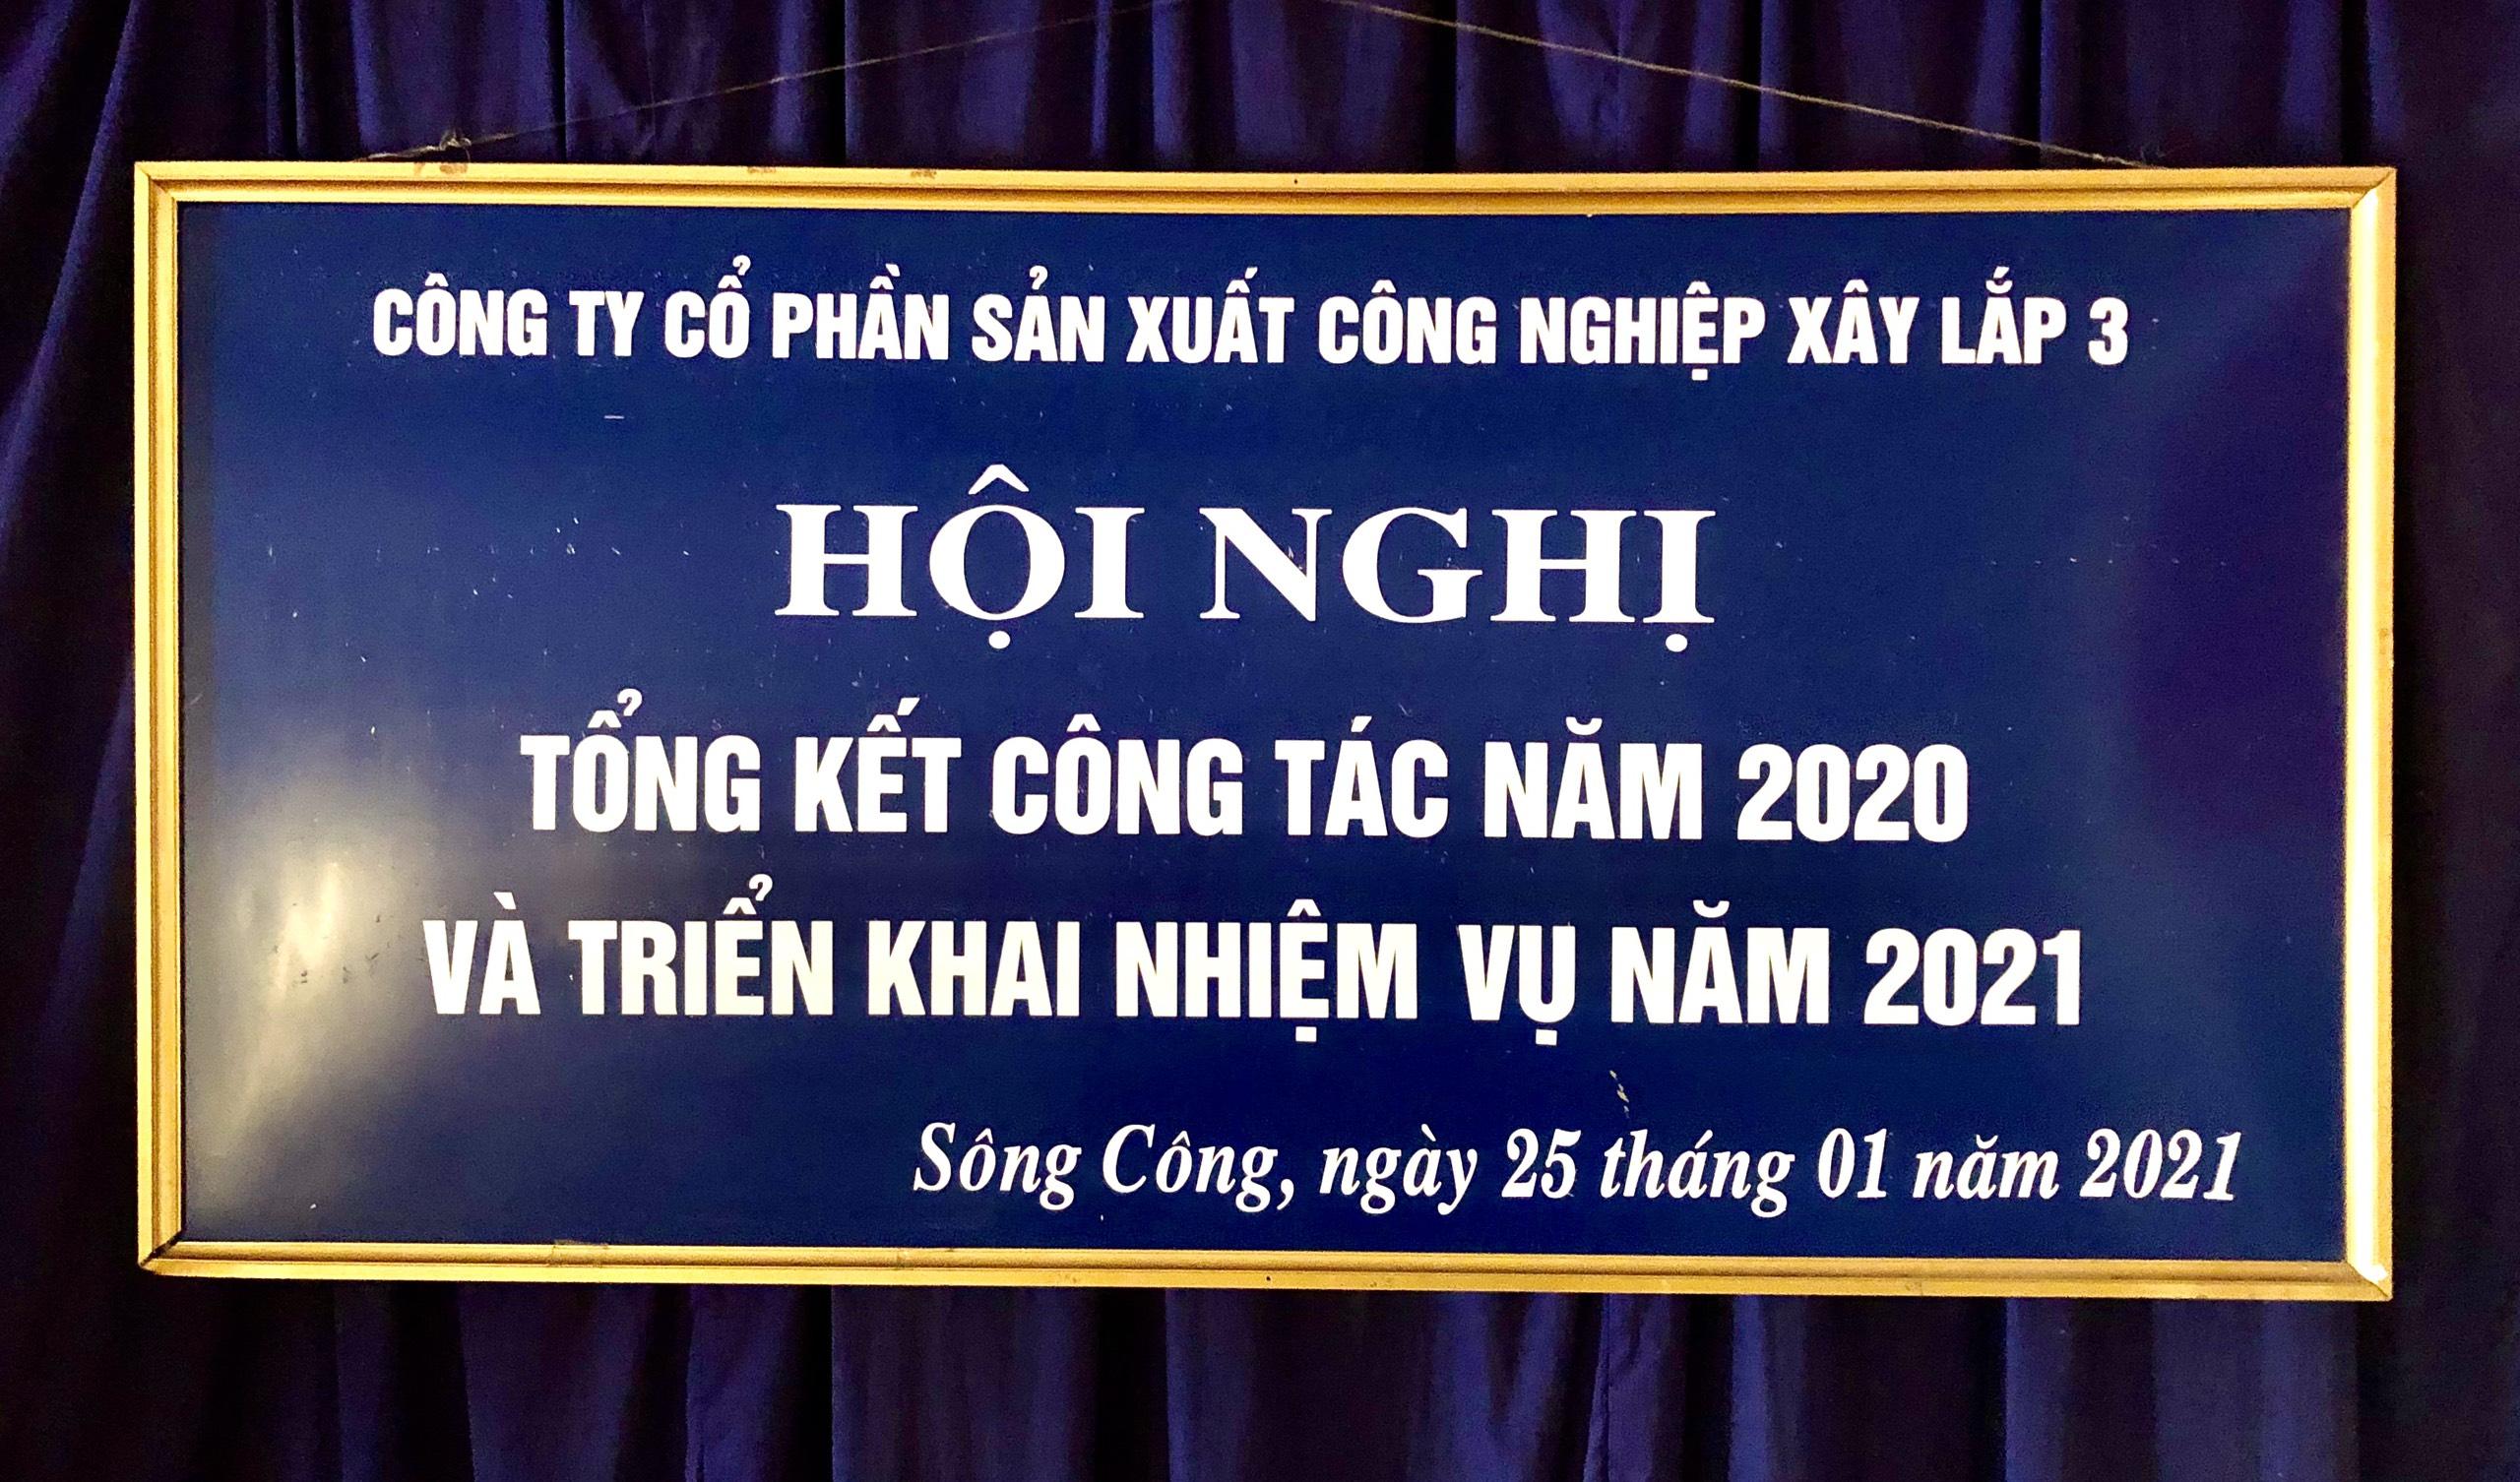 HỘI NGHỊ TỔNG KẾT CÔNG TÁC NĂM 2020 VÀ TRIỂN KHAI NHIỆM VỤ NĂM 2021